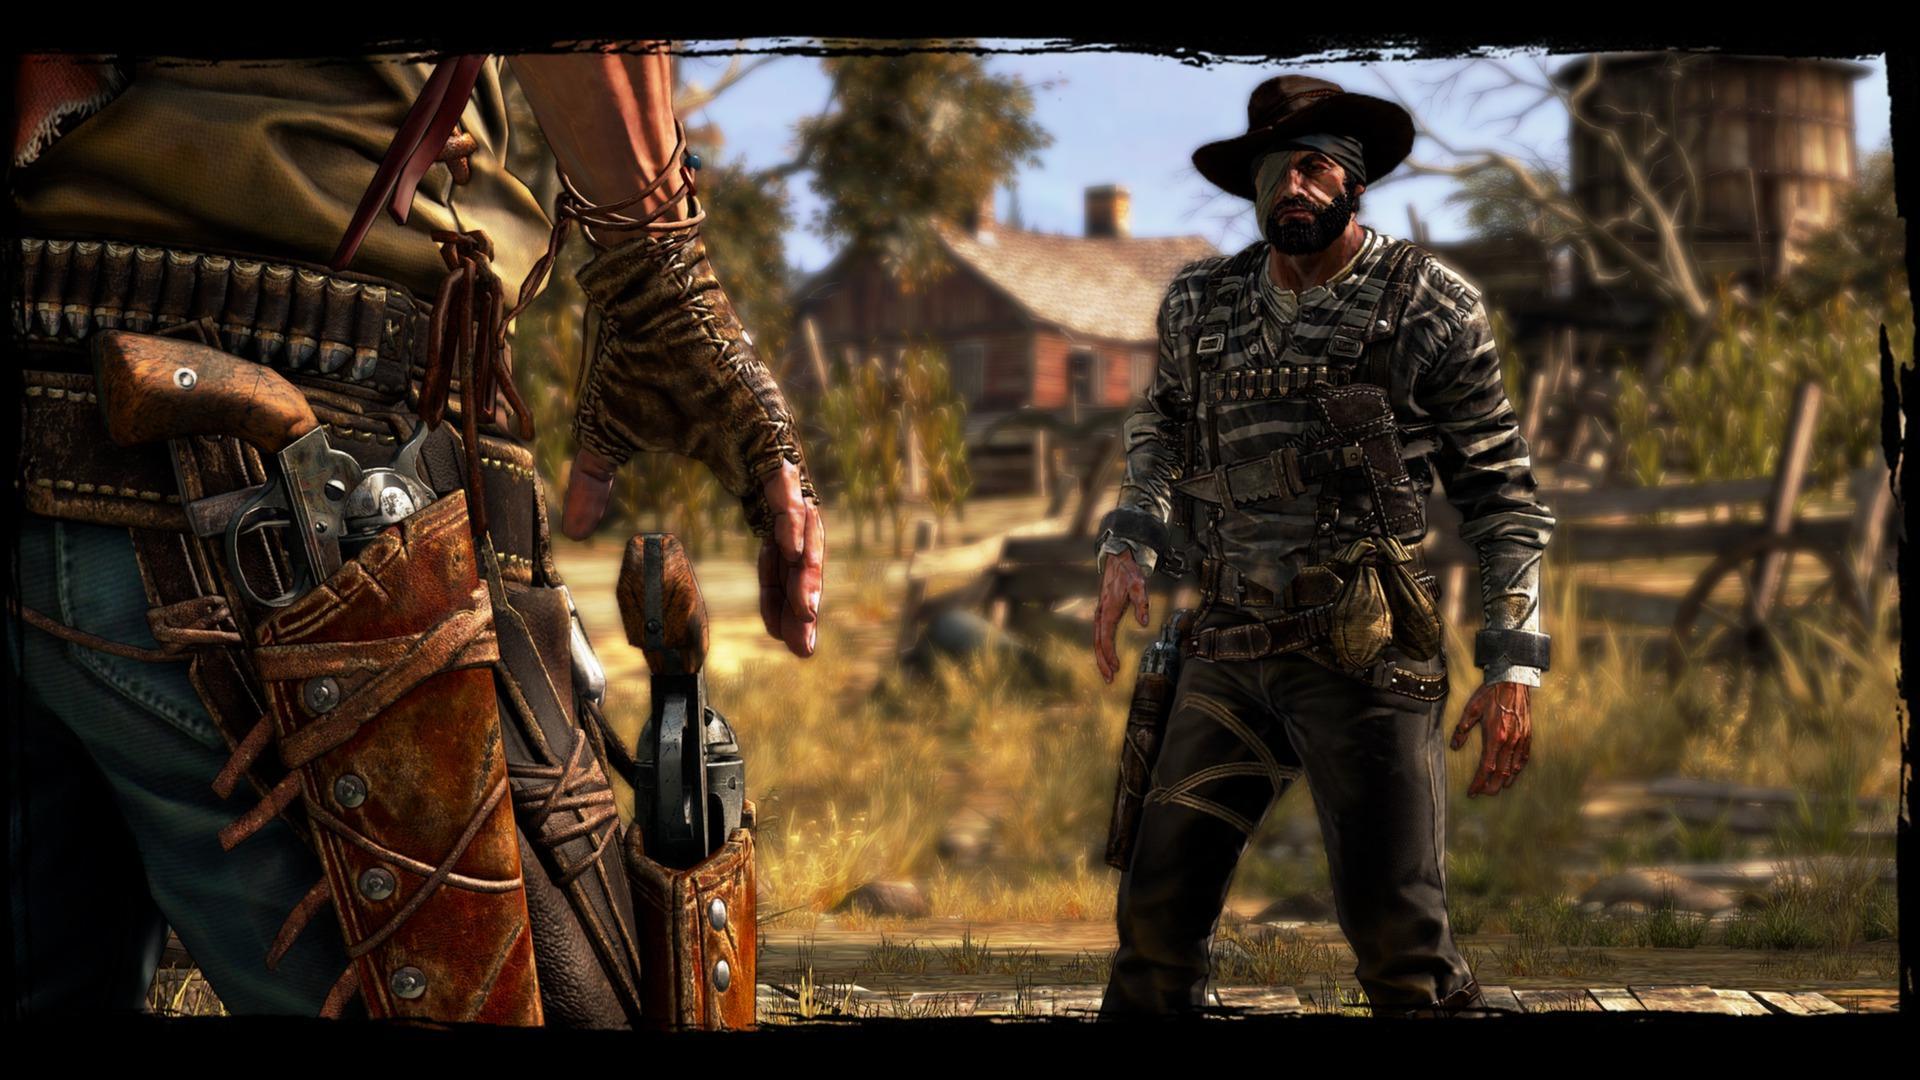 Wild West Video Games